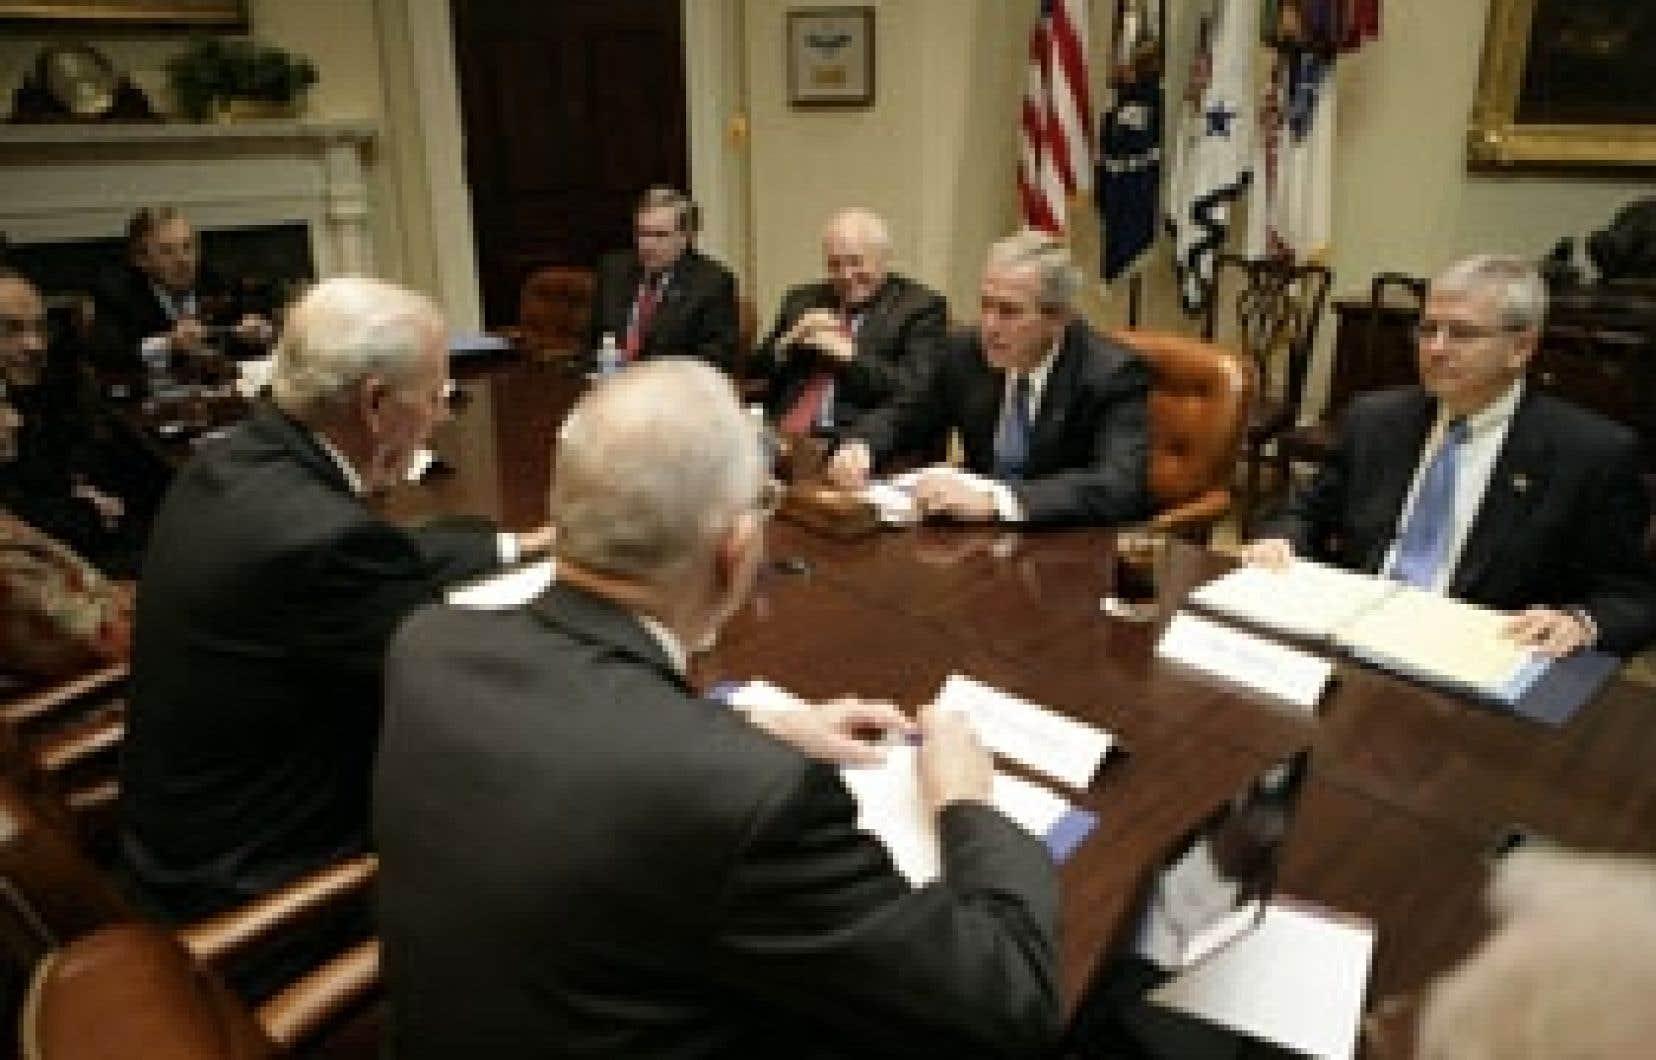 Le président George W. Bush a rencontré hier les membres de la commission d'étude sur l'Irak.